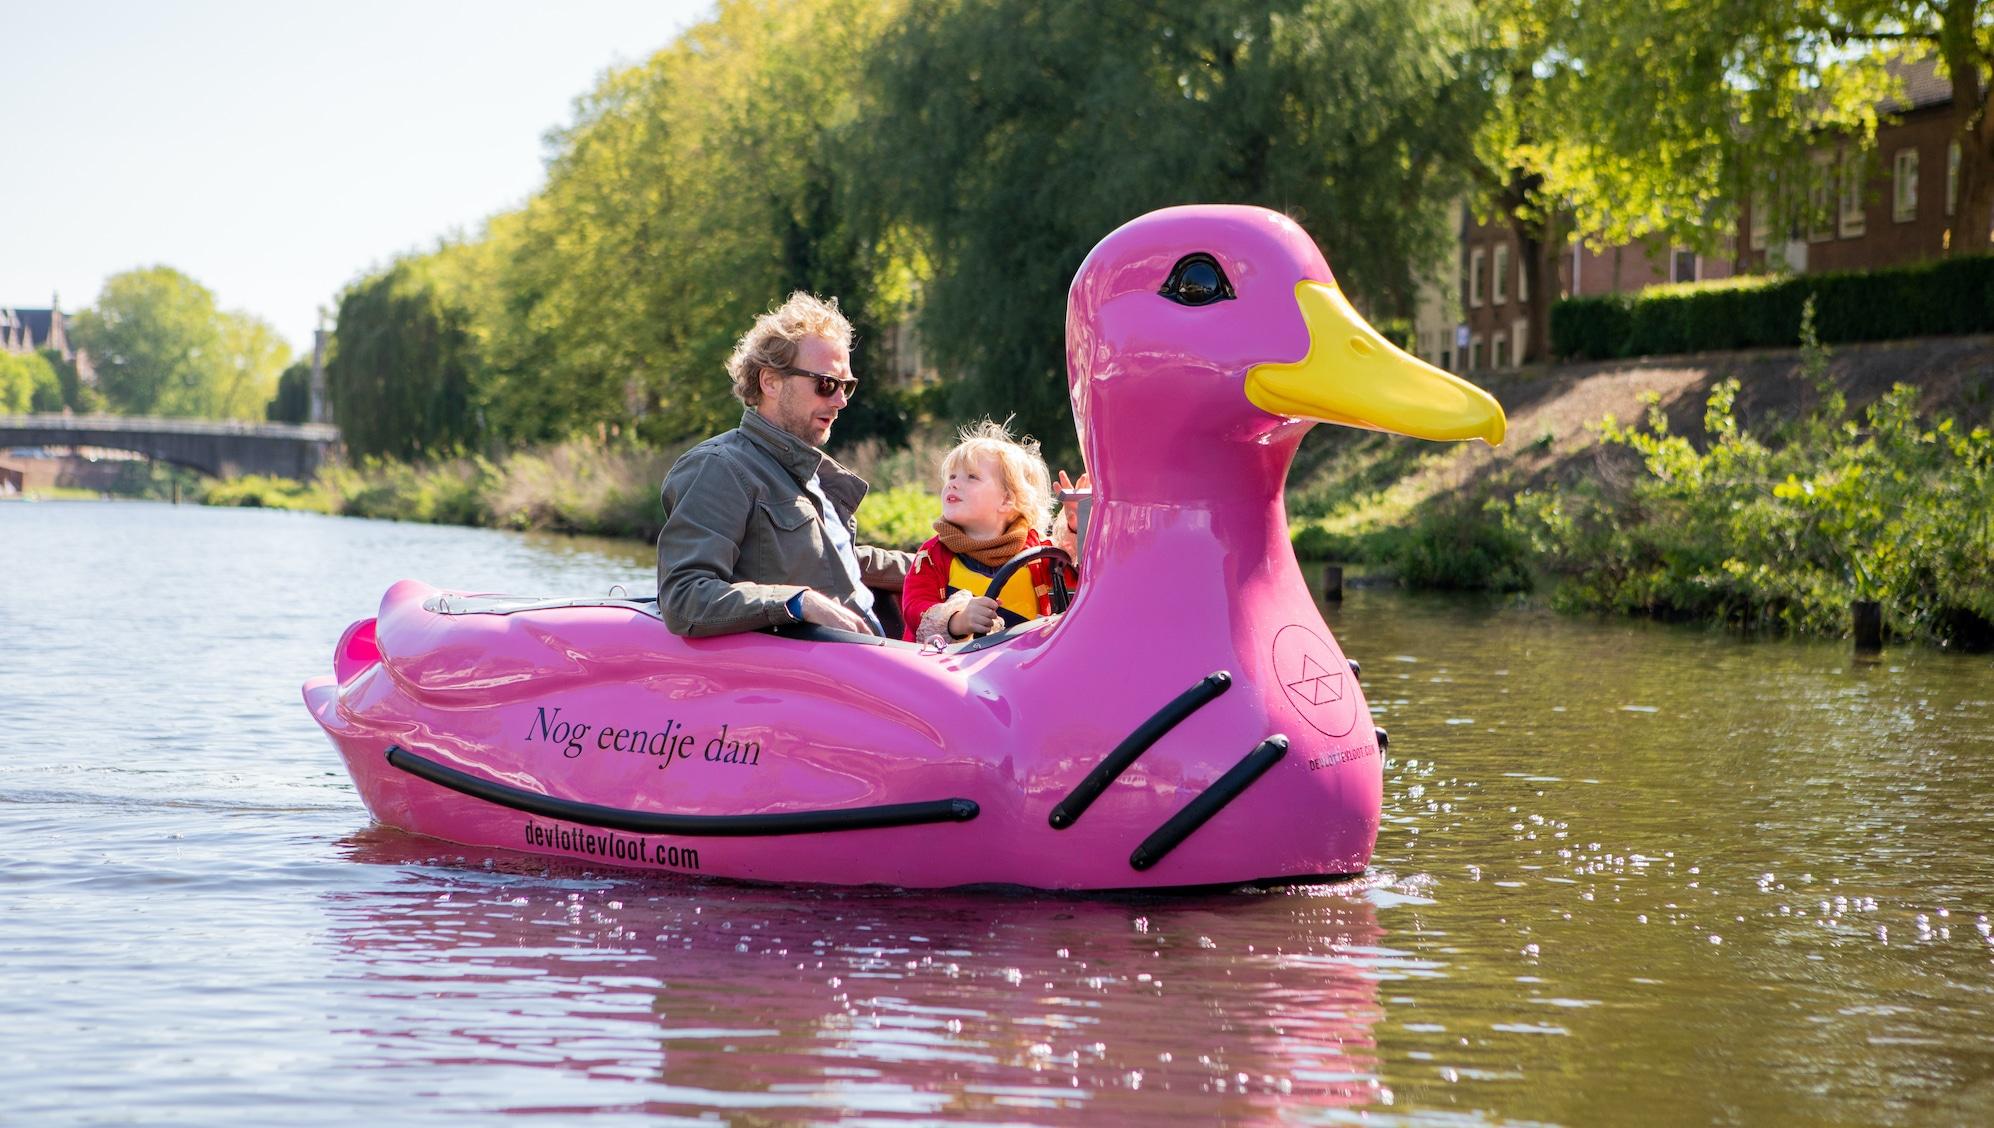 © fotograaf Evita Copier - zelf varen in een eend in Den Bosch